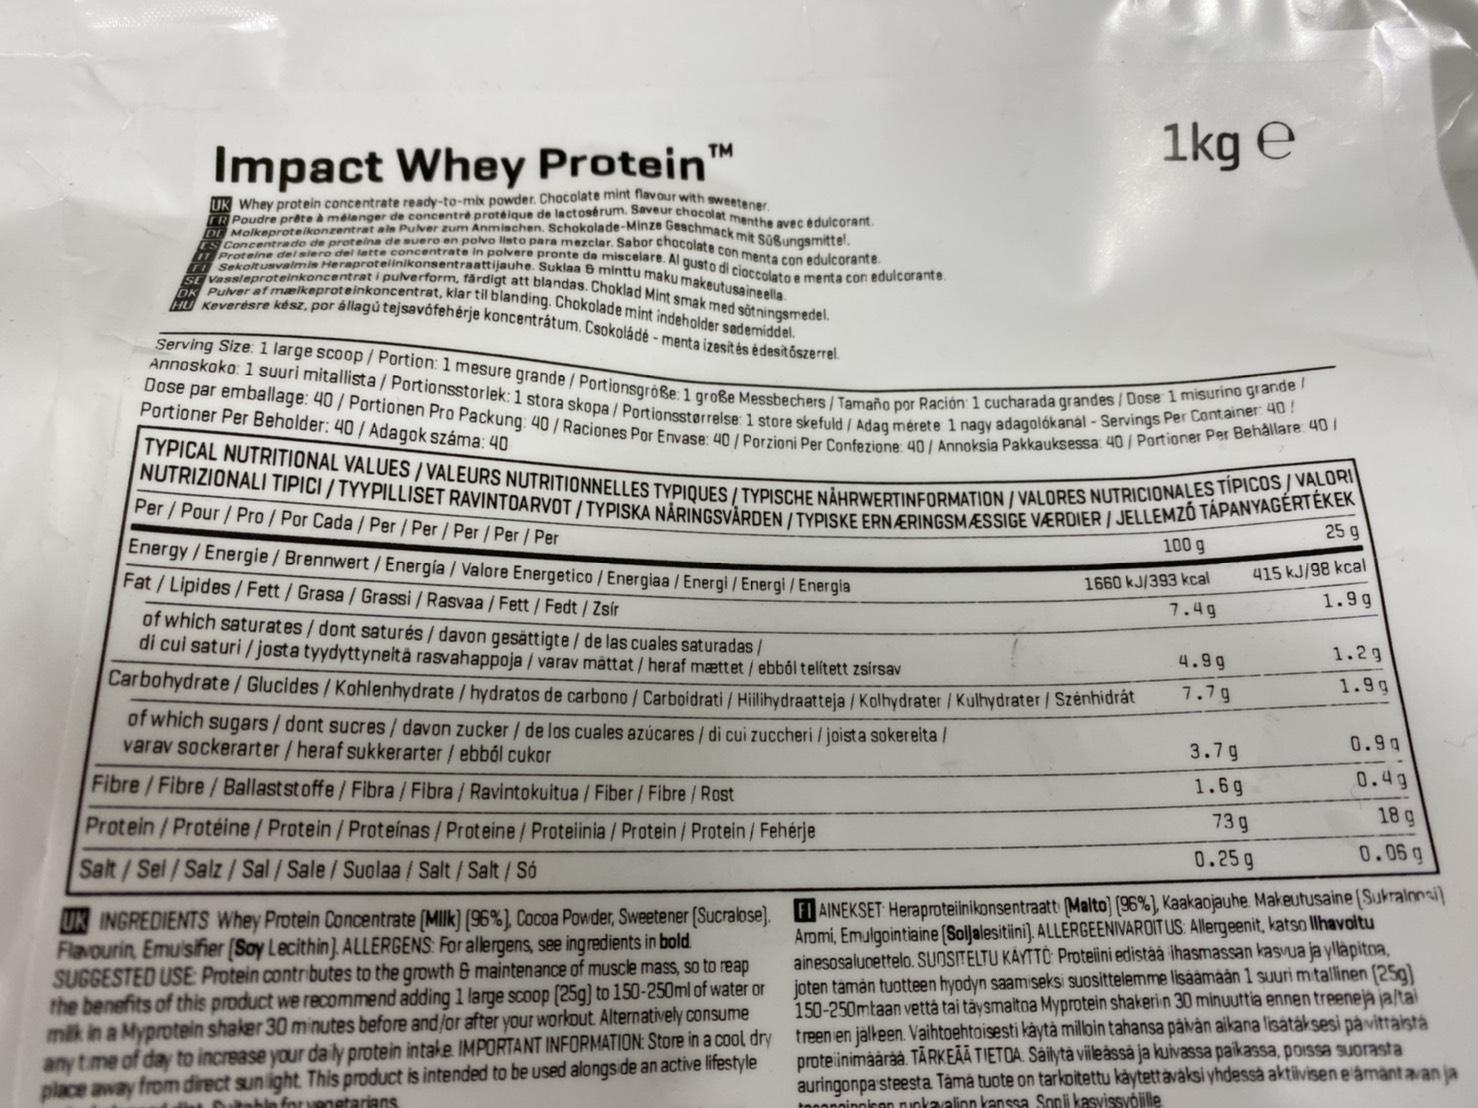 Impactホエイプロテイン:チョコミント味の成分表